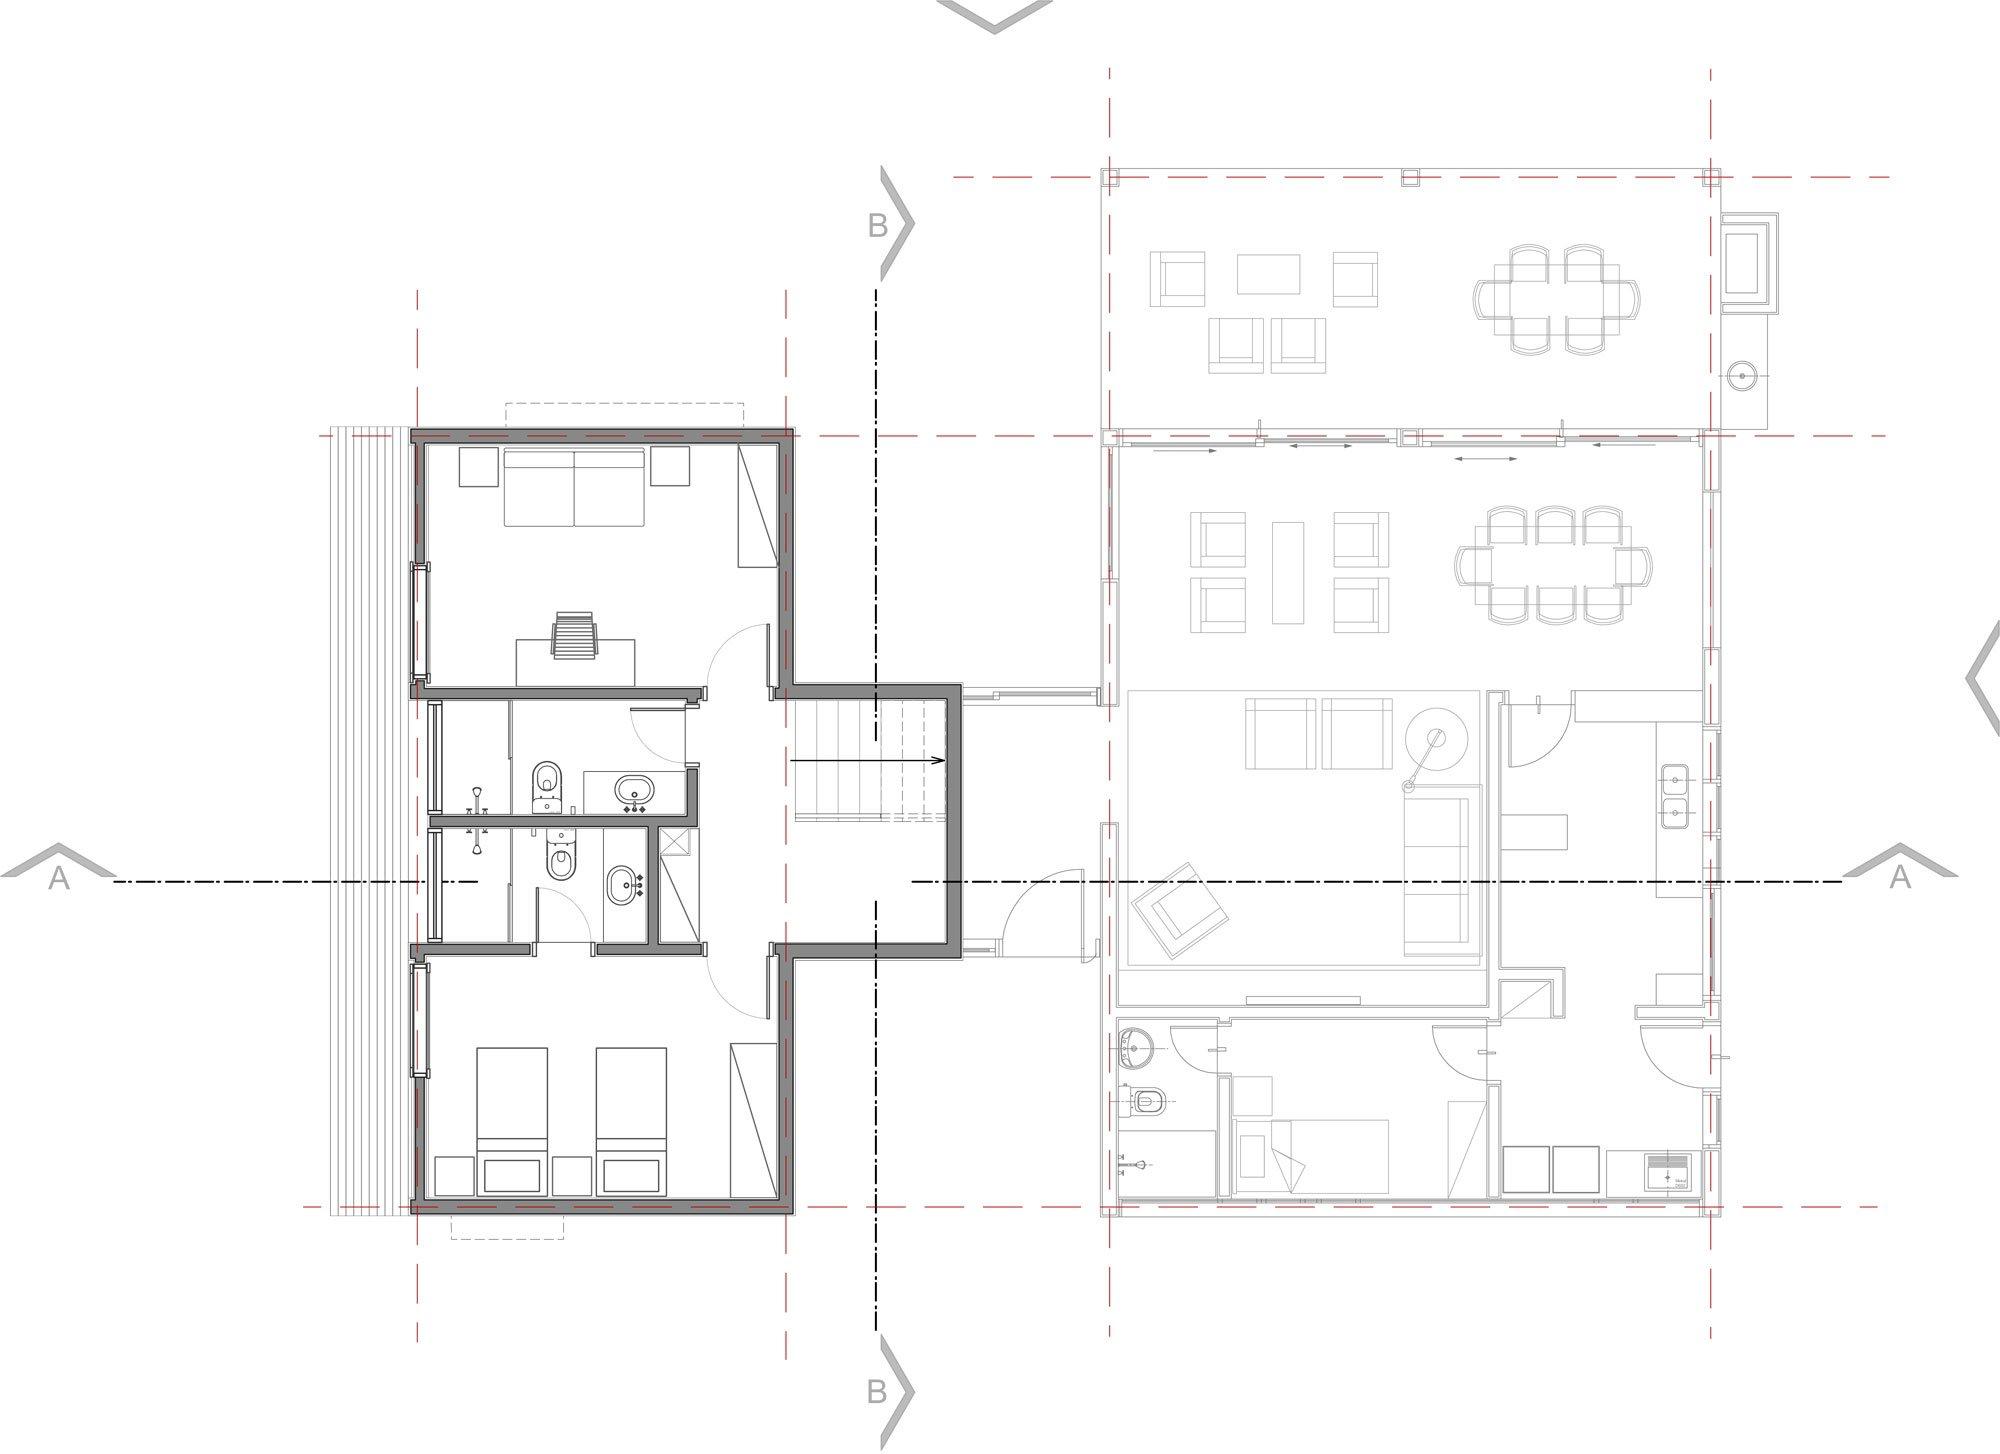 Plano segundo piso de casa moderna de campo planos de - Planos de casas pequenas de campo ...